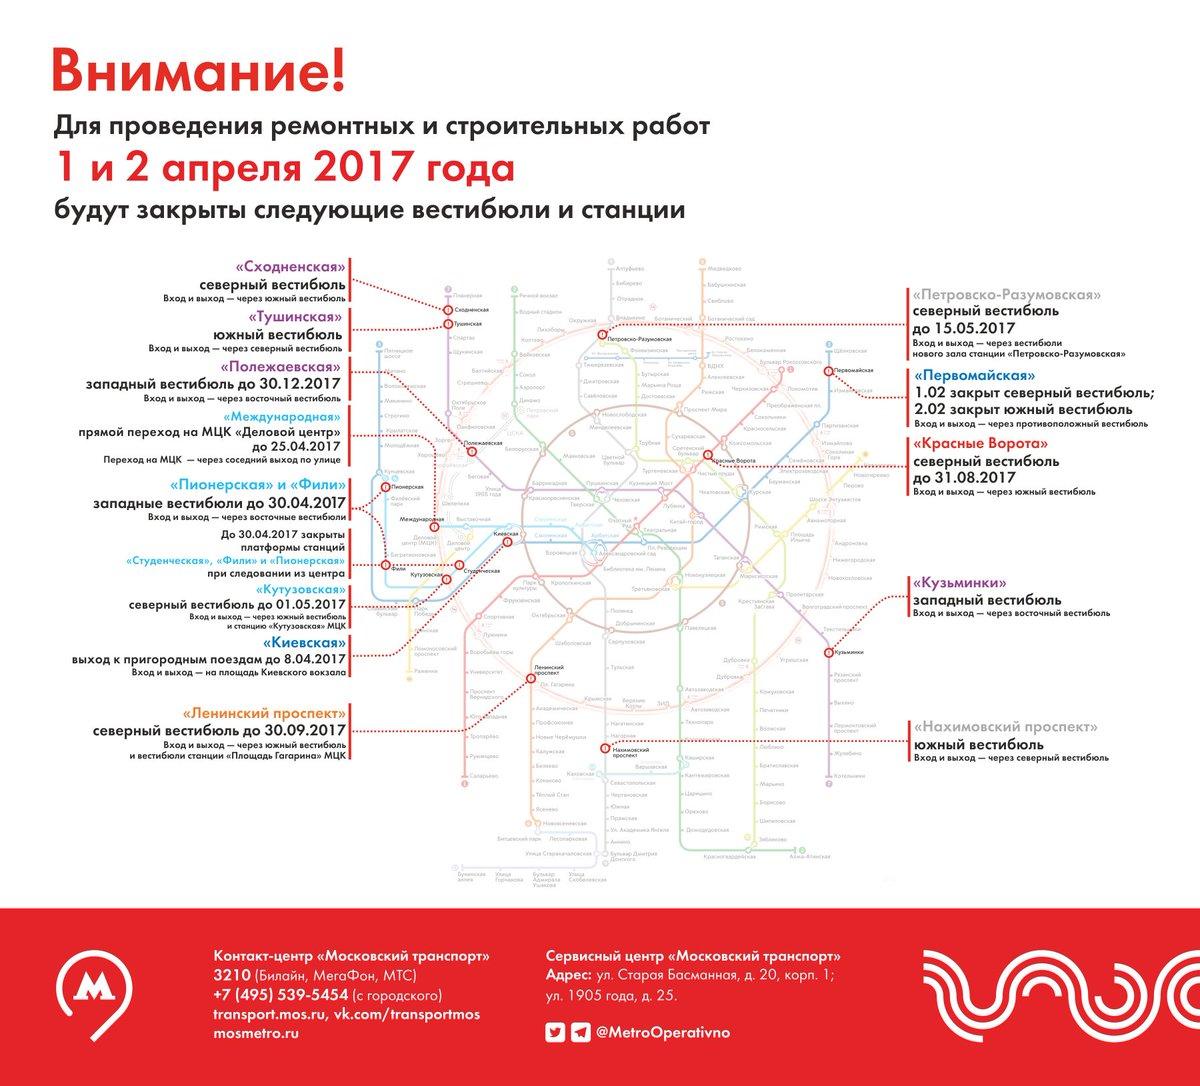 Впредстоящие выходные будут закрыты вестибюли 5-ти станций Московского метрополитена